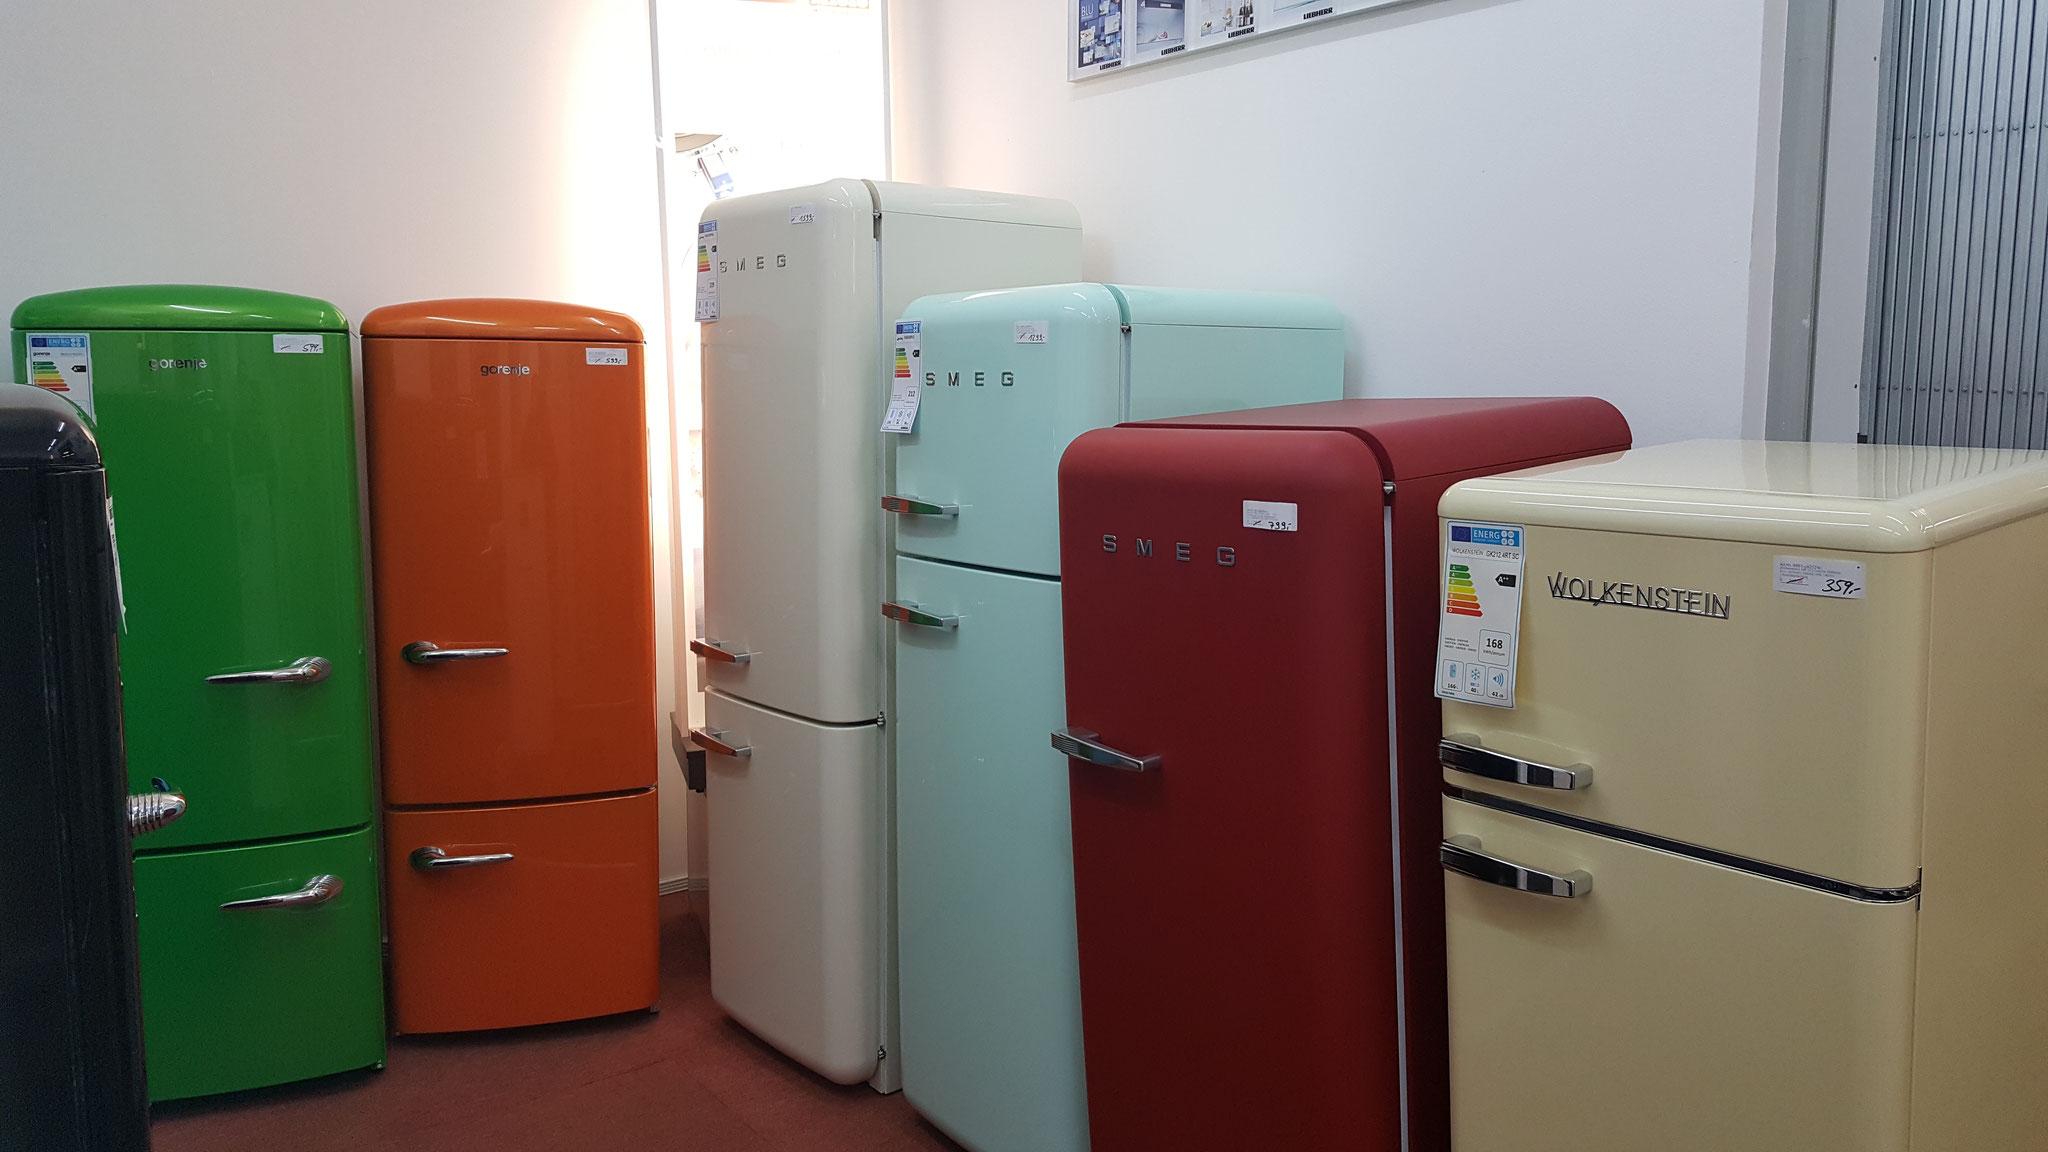 Smeg Kühlschrank Köln : Küchengeräte elektrogeräte ausstellung köln hgs elektro